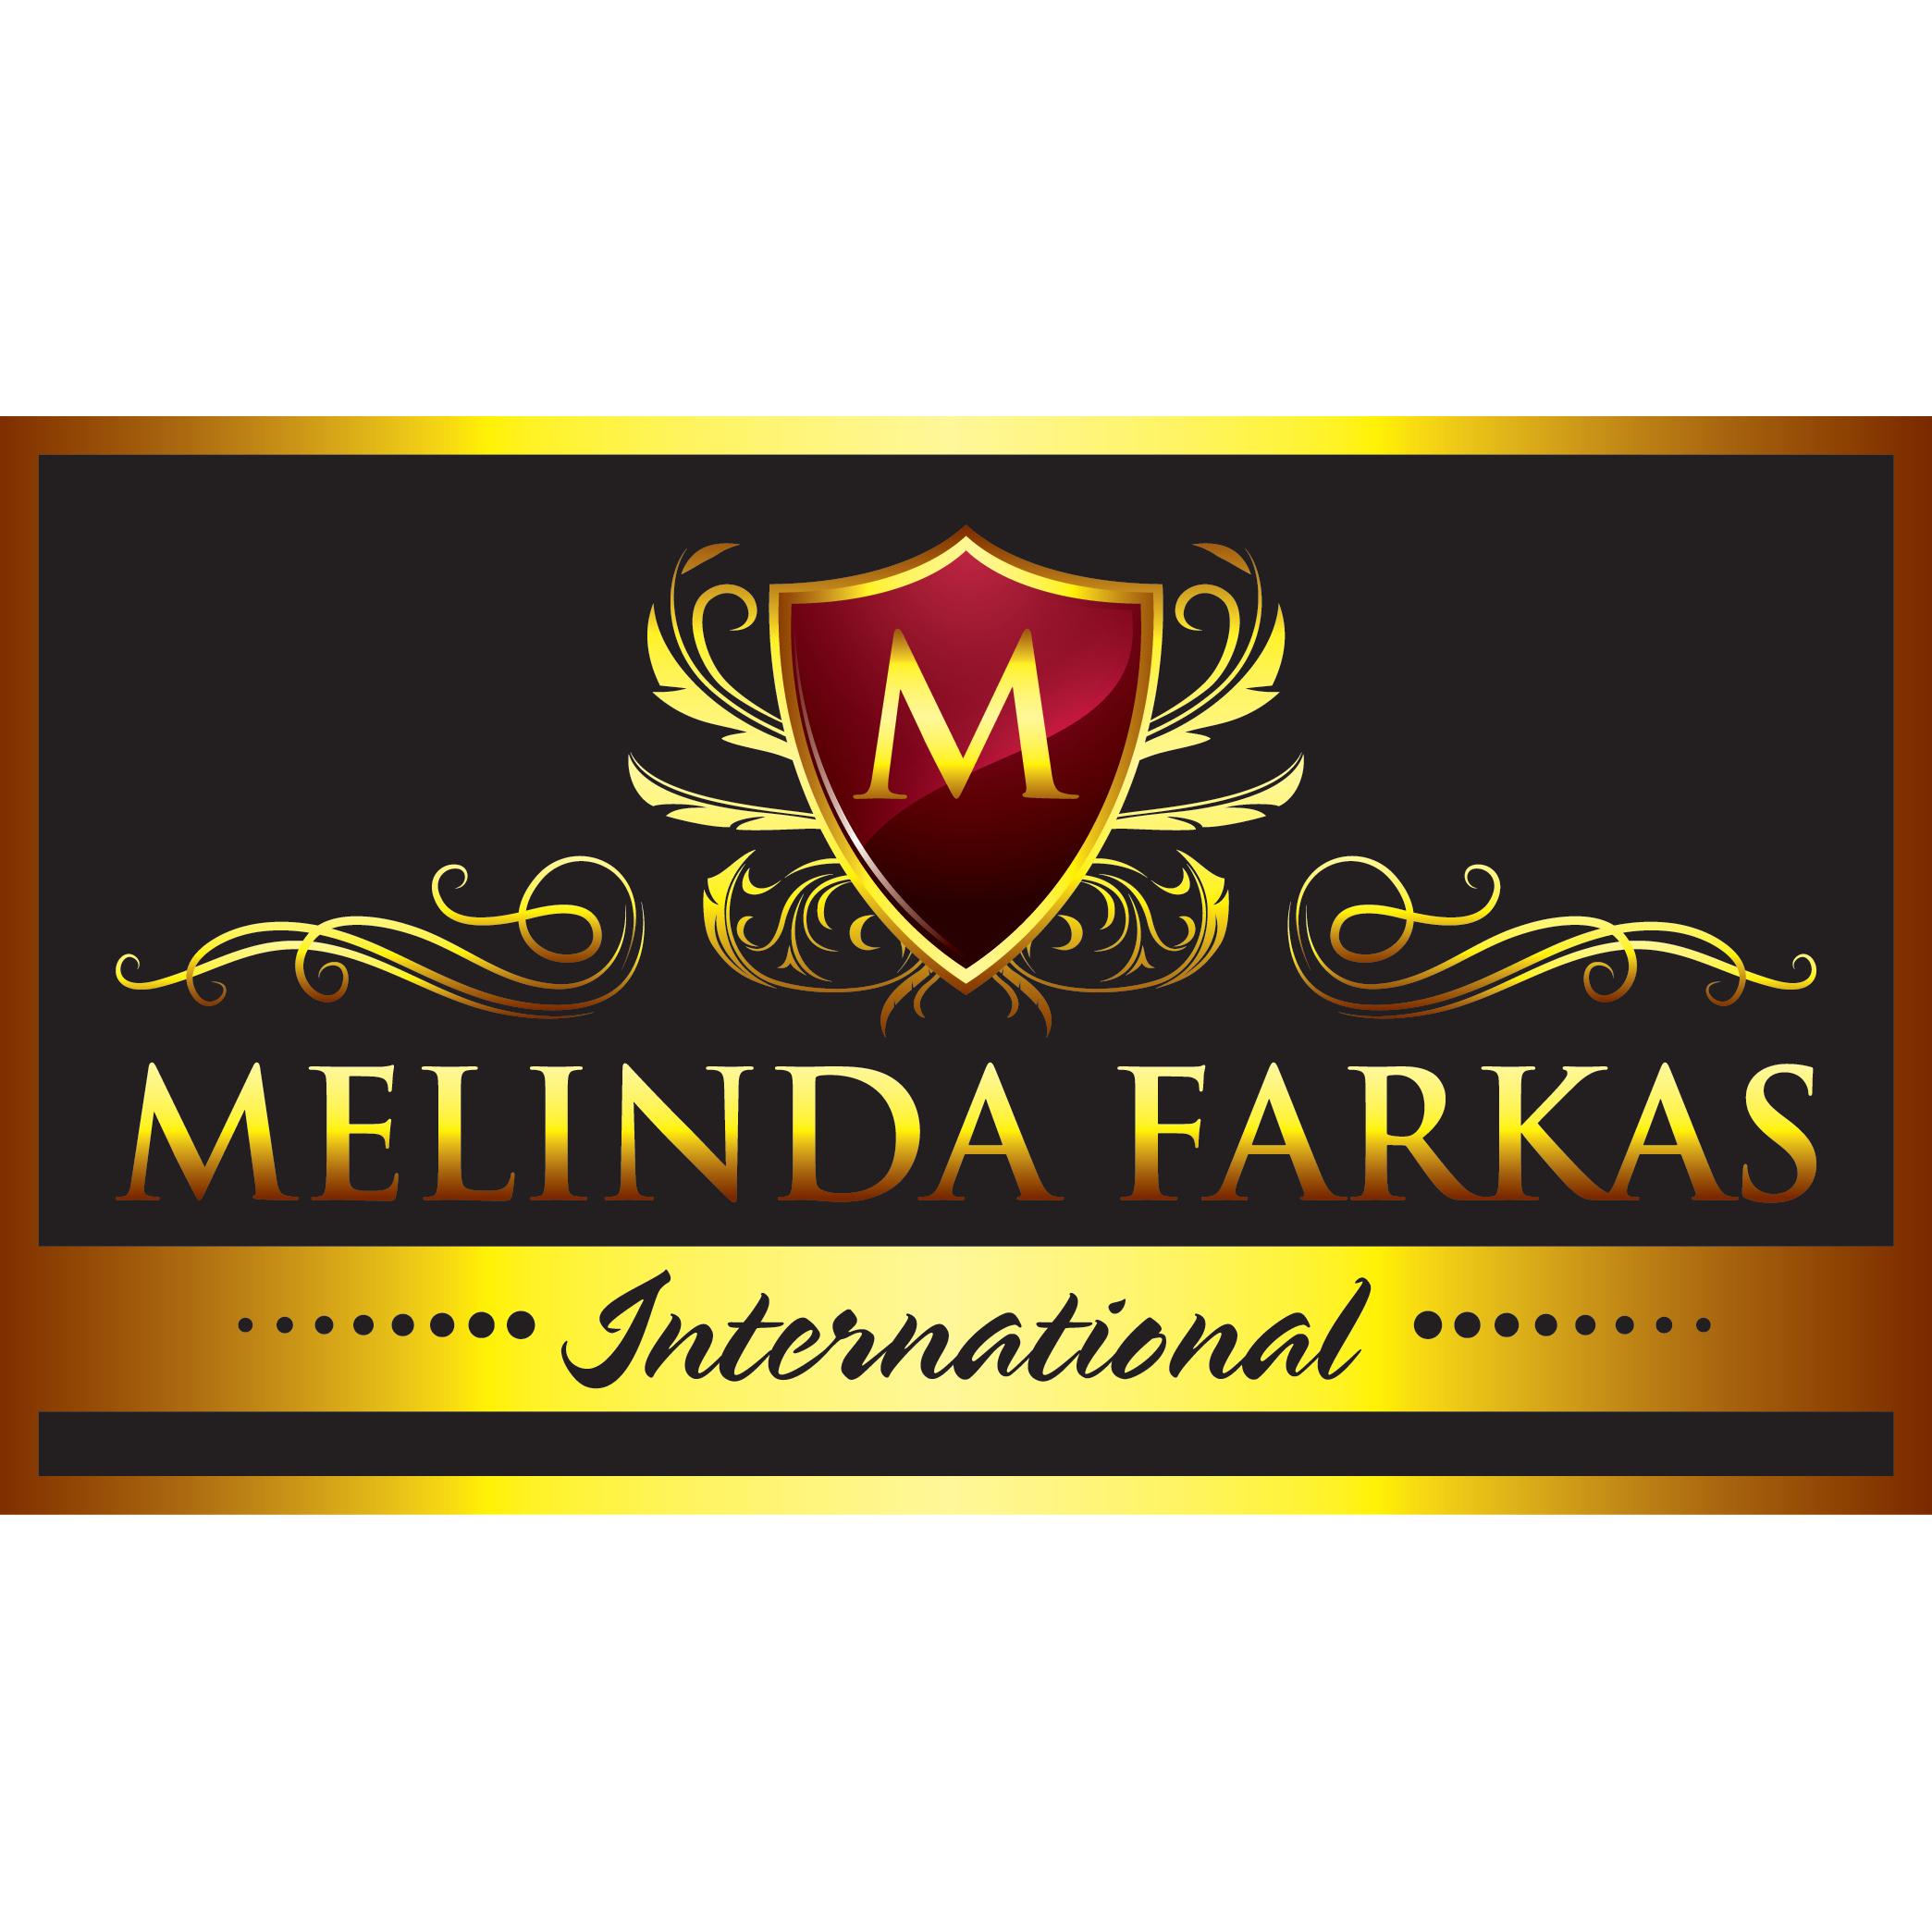 Melinda Farkas International